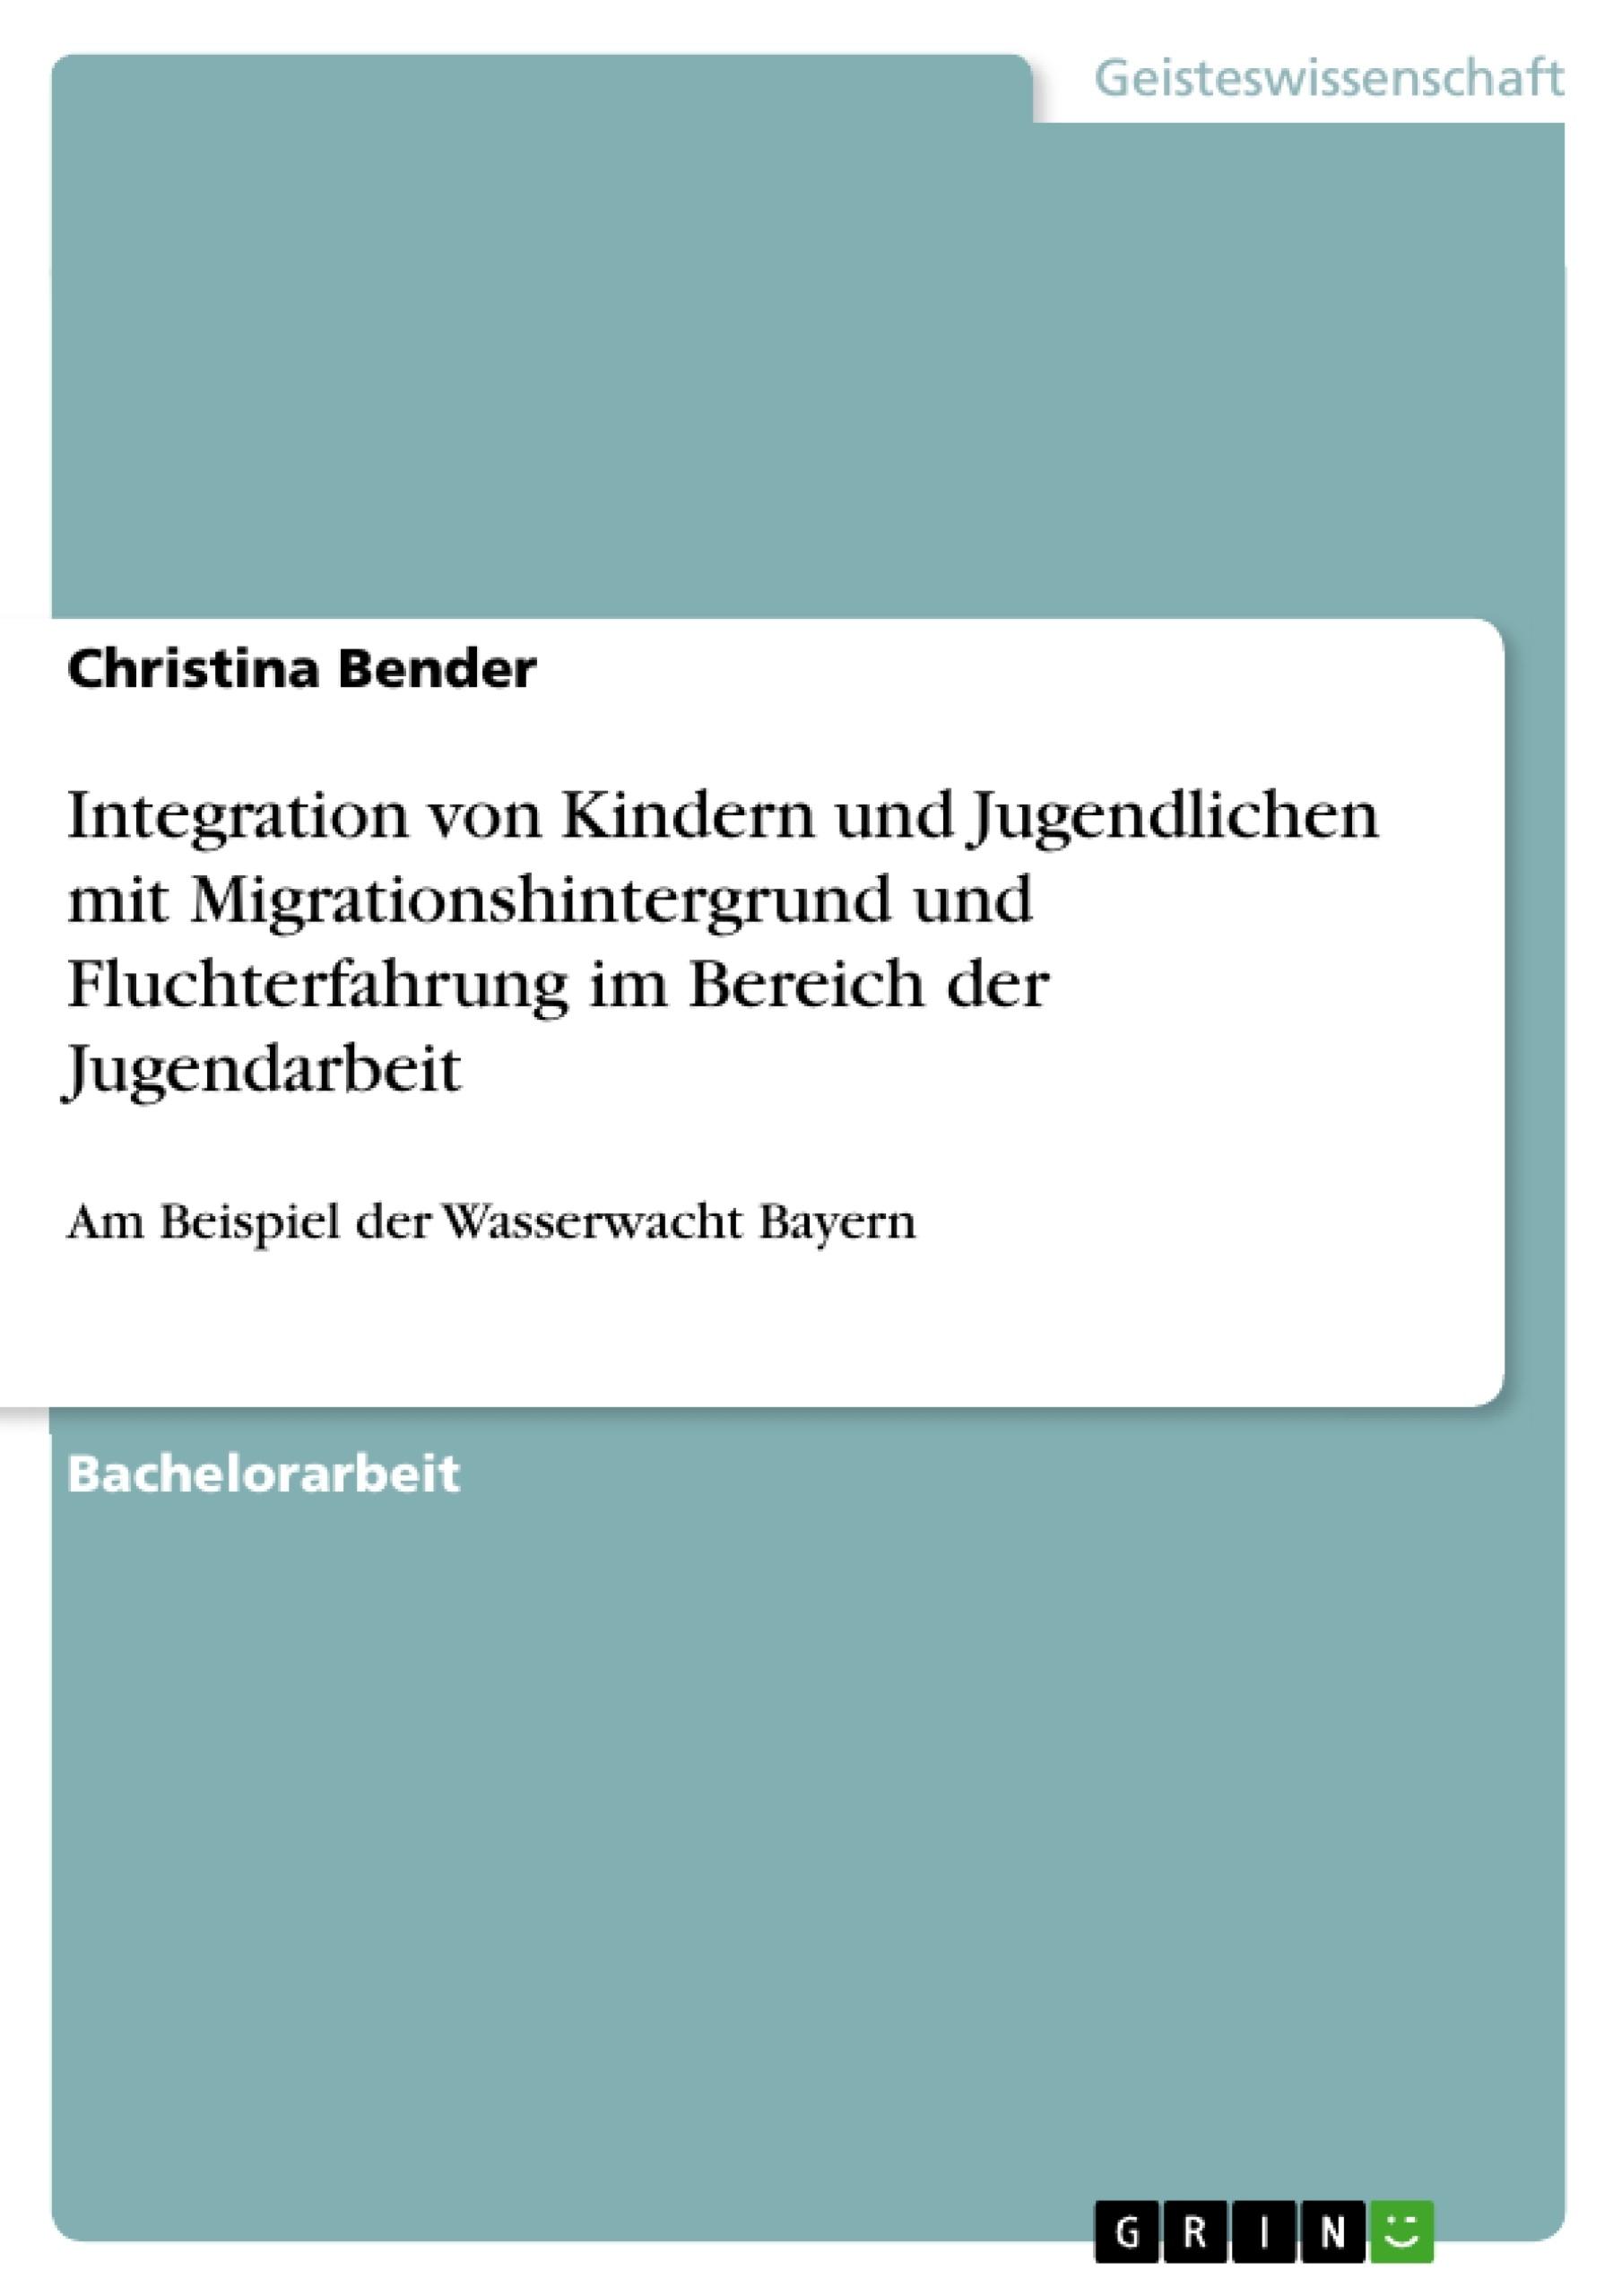 Titel: Integration von Kindern und Jugendlichen mit Migrationshintergrund und Fluchterfahrung im Bereich der Jugendarbeit